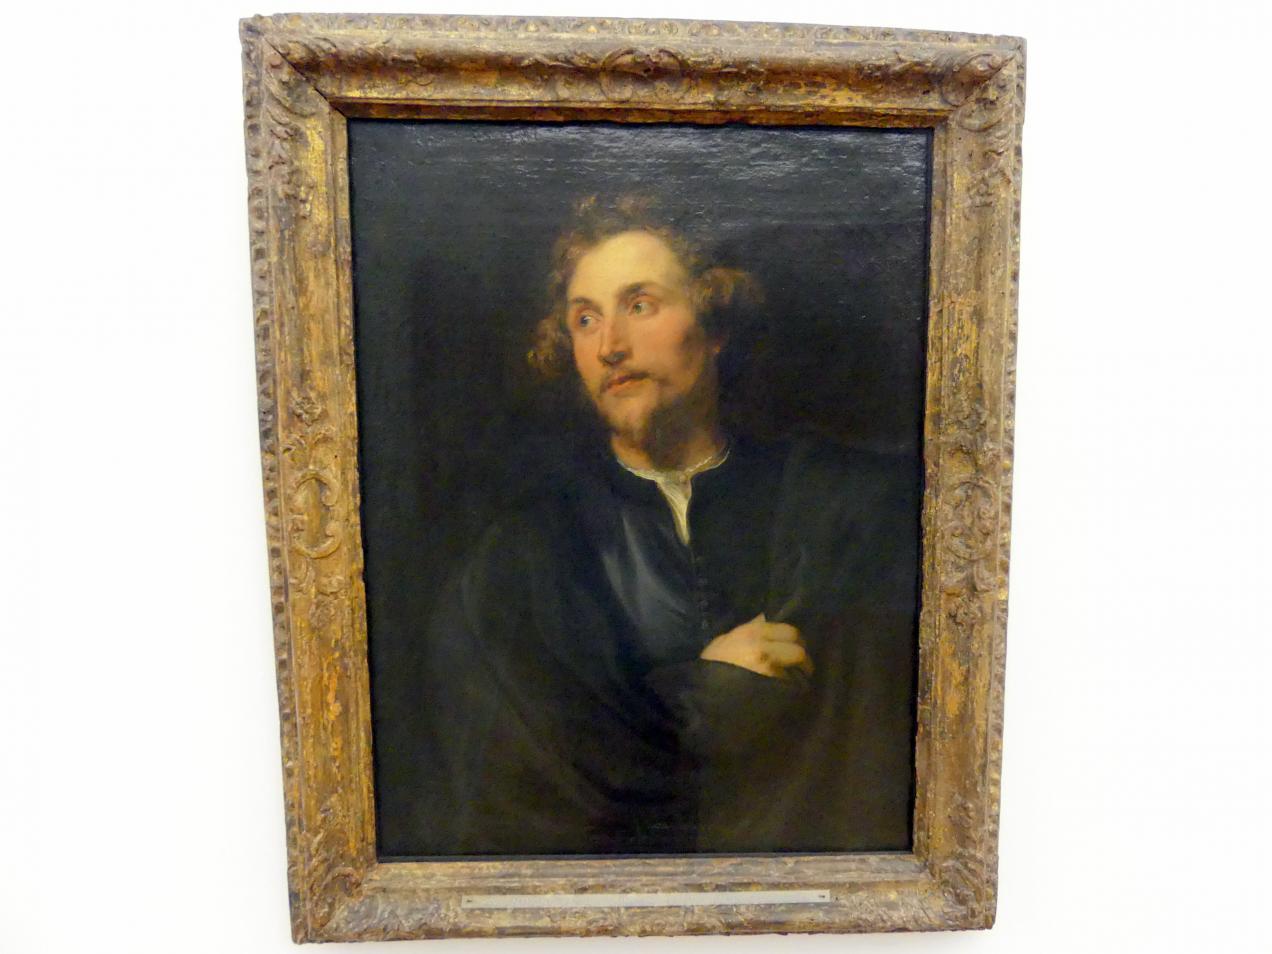 Anthonis (Anton) van Dyck: Bildnis des Bildhauers Georg Petel, 1627 - 1628